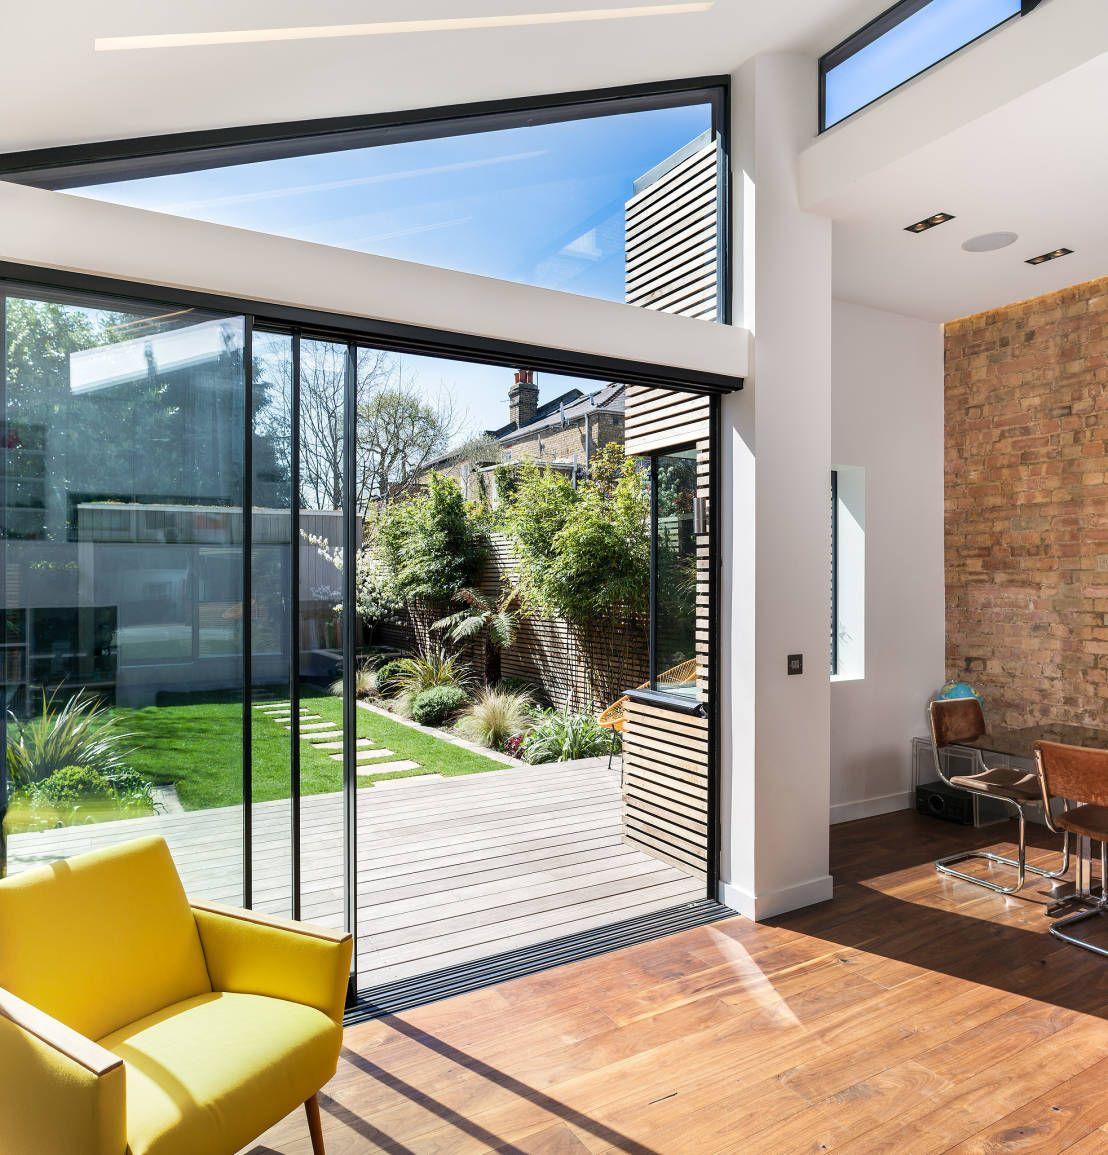 moderne fenster im wohnzimmer : Doppelhaush Lfte Mit Gl Sernem Meisterwerk Doppelhaush Lfte